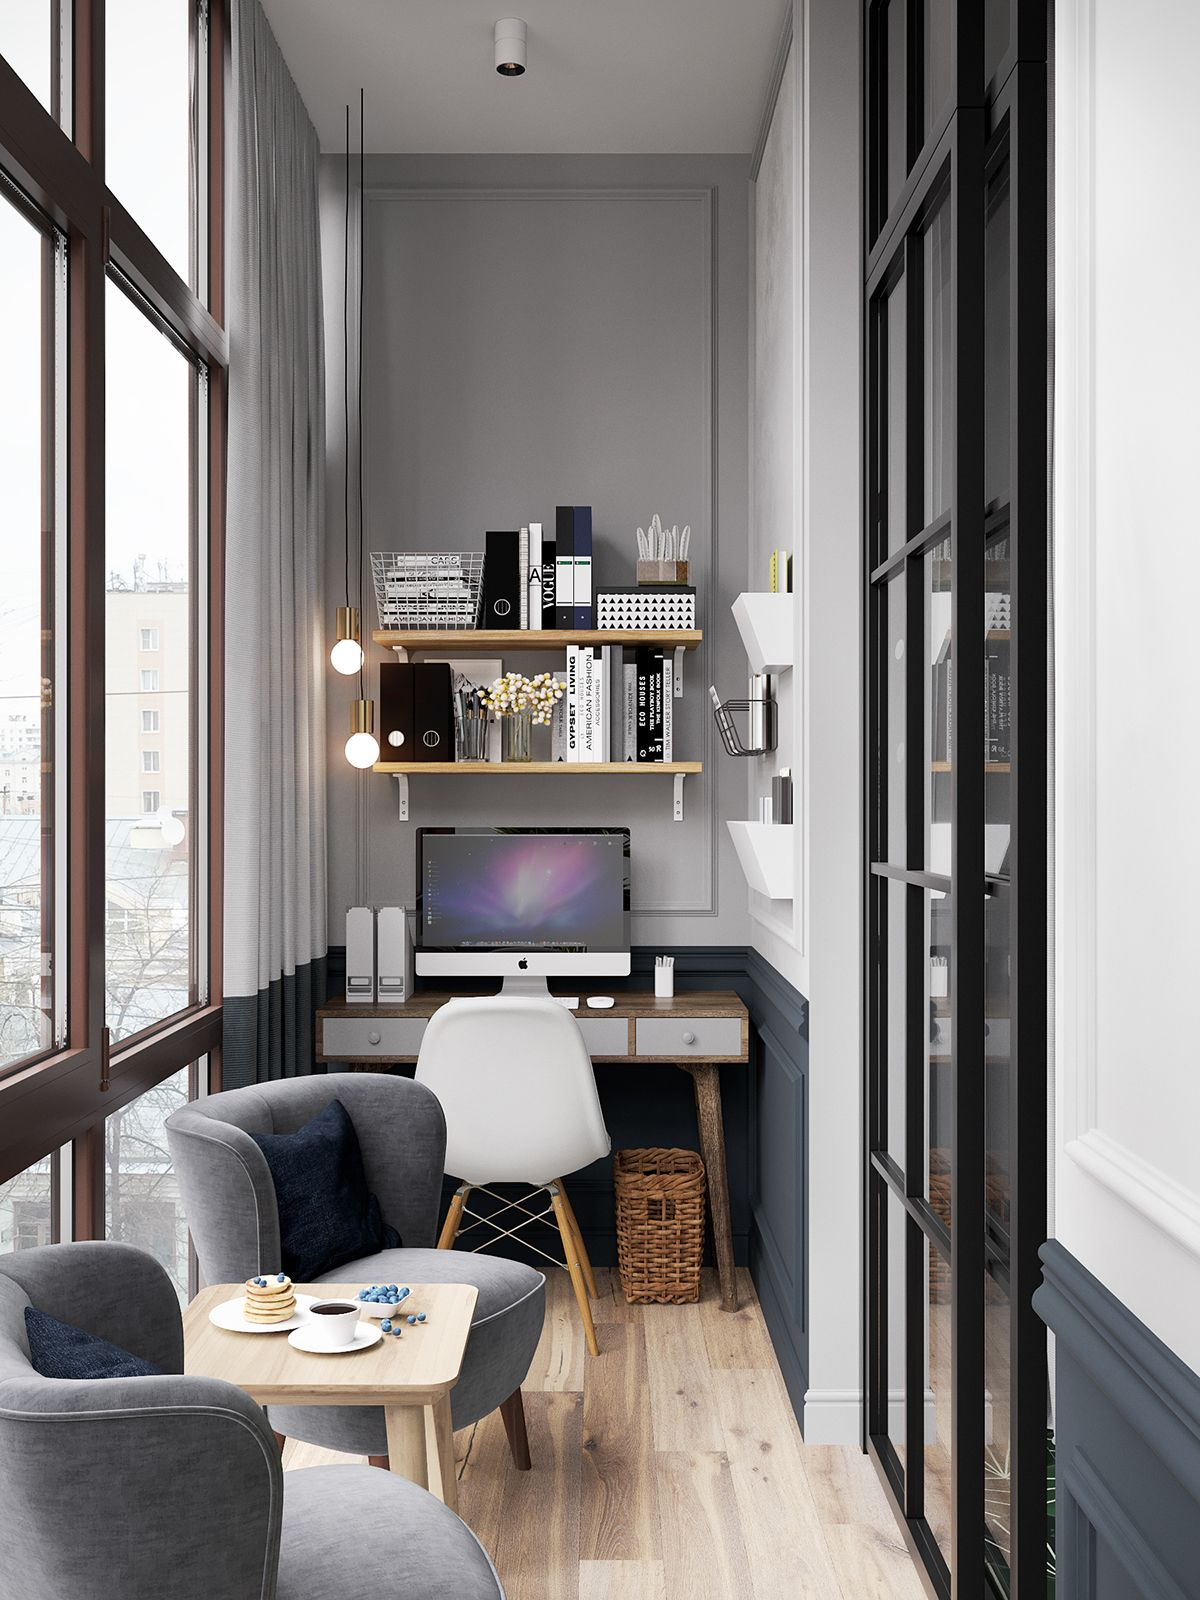 MSK Quarter on Behance | Study | Home office design, Balcony